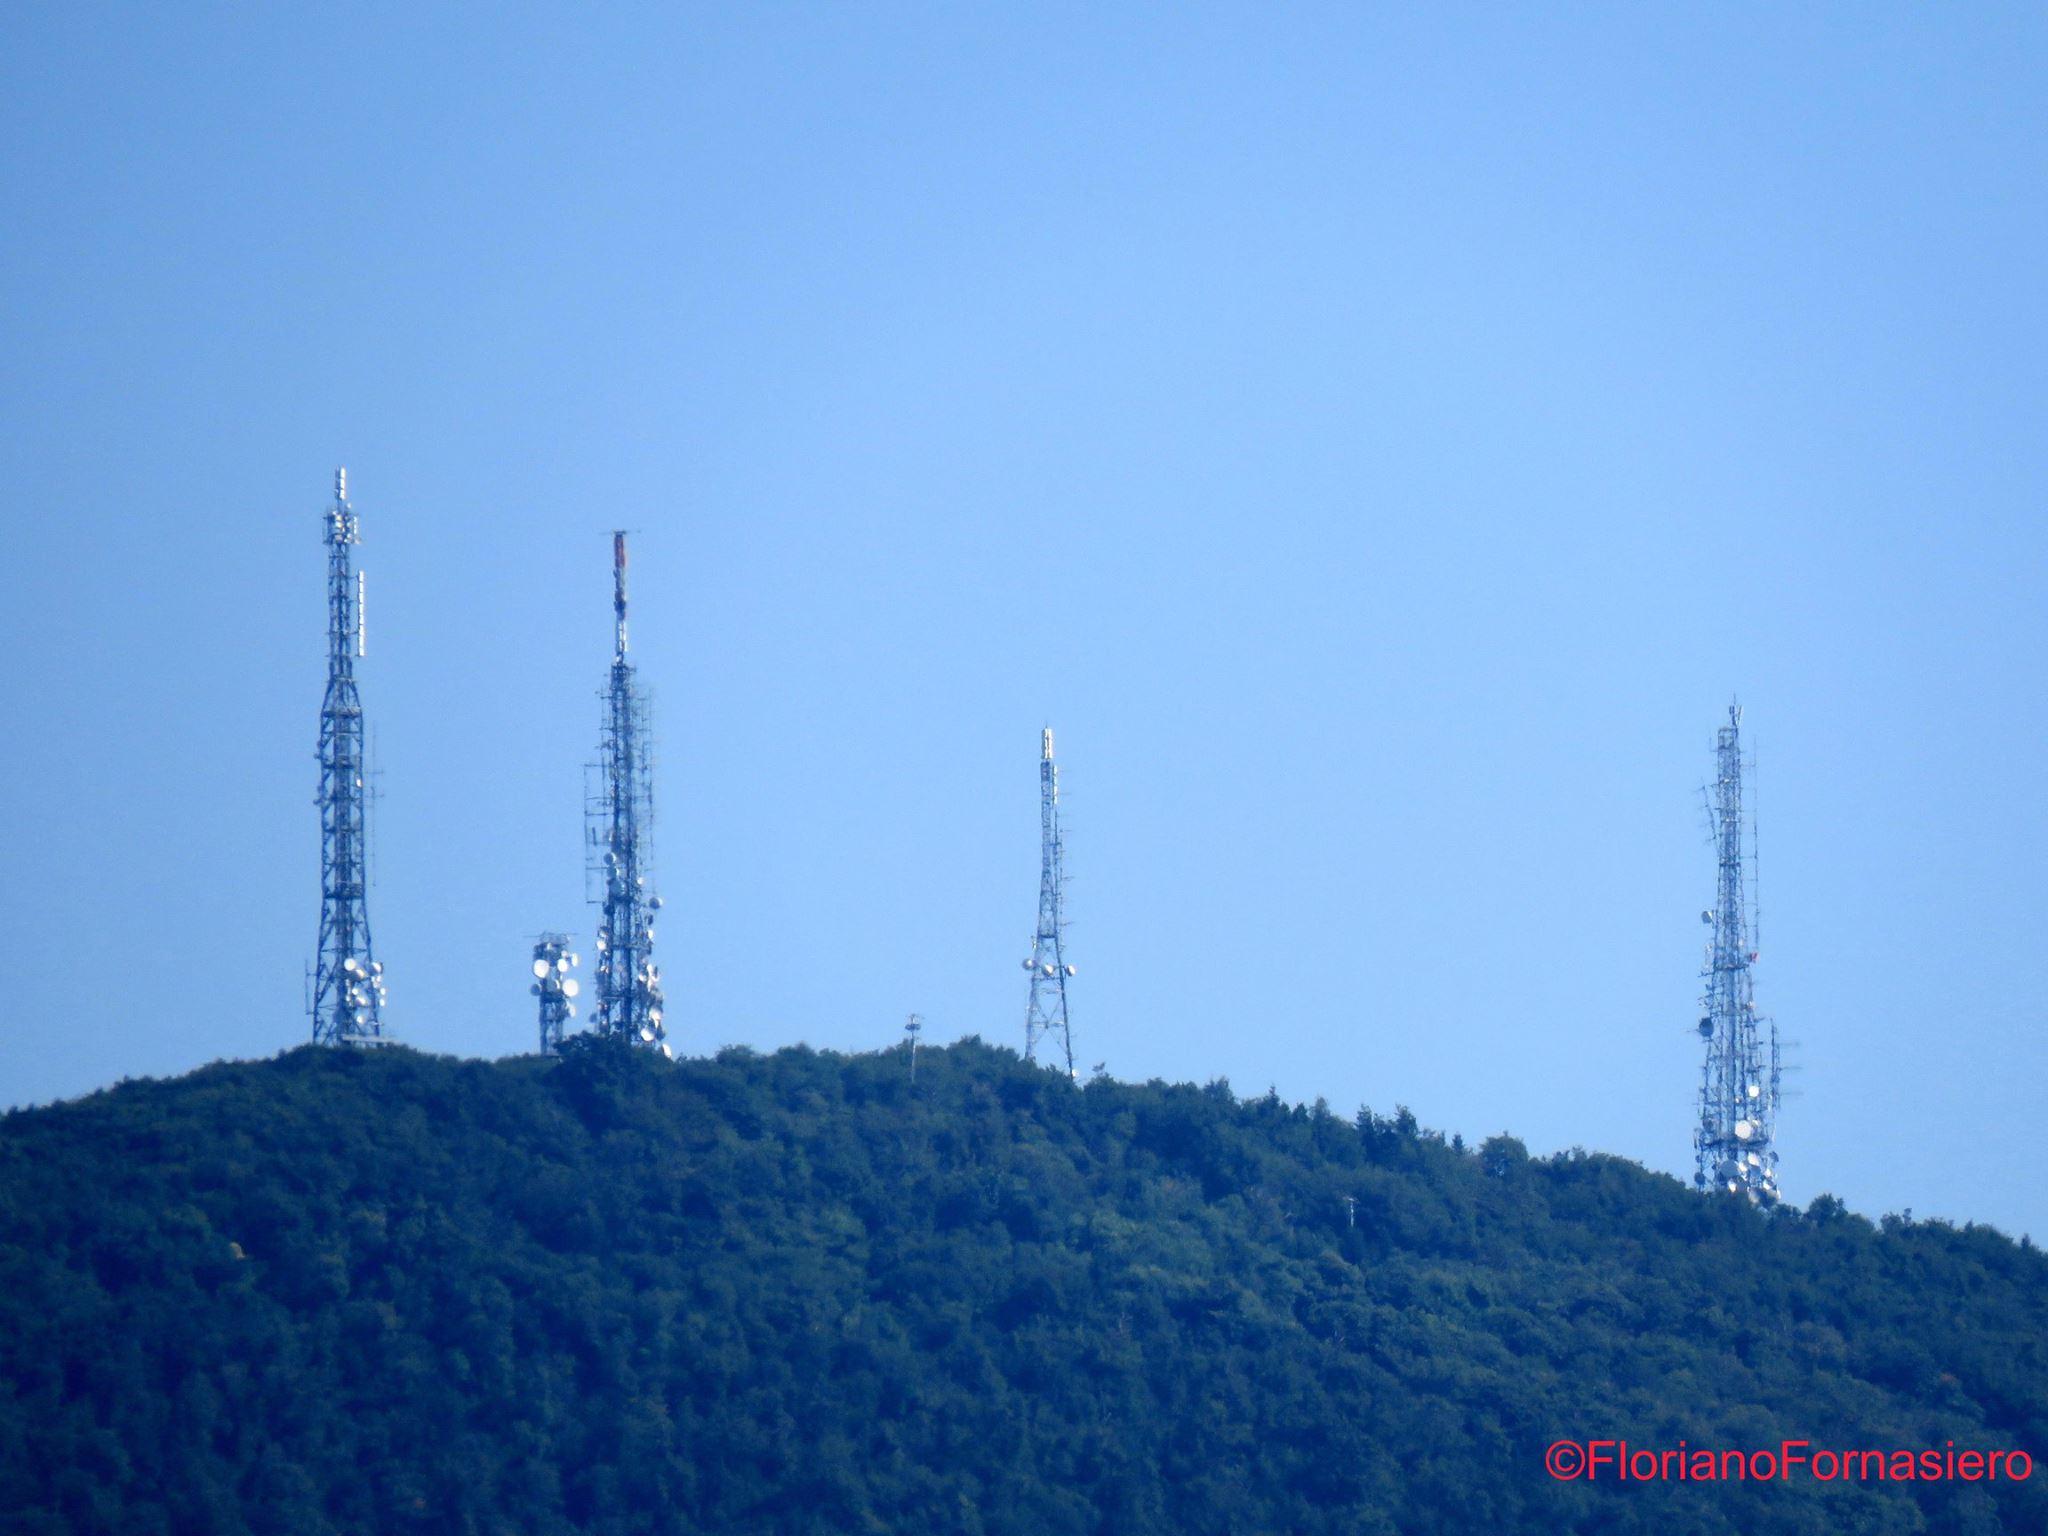 tralicci sequenza 2  - Radio e Tv. Pubblicata la L. 205/2017: roadmap per 5G e T2 passando per DAB+ e obbligo ricevitori radio digital. Graduatorie anche per FMSA e adeguamento LCN